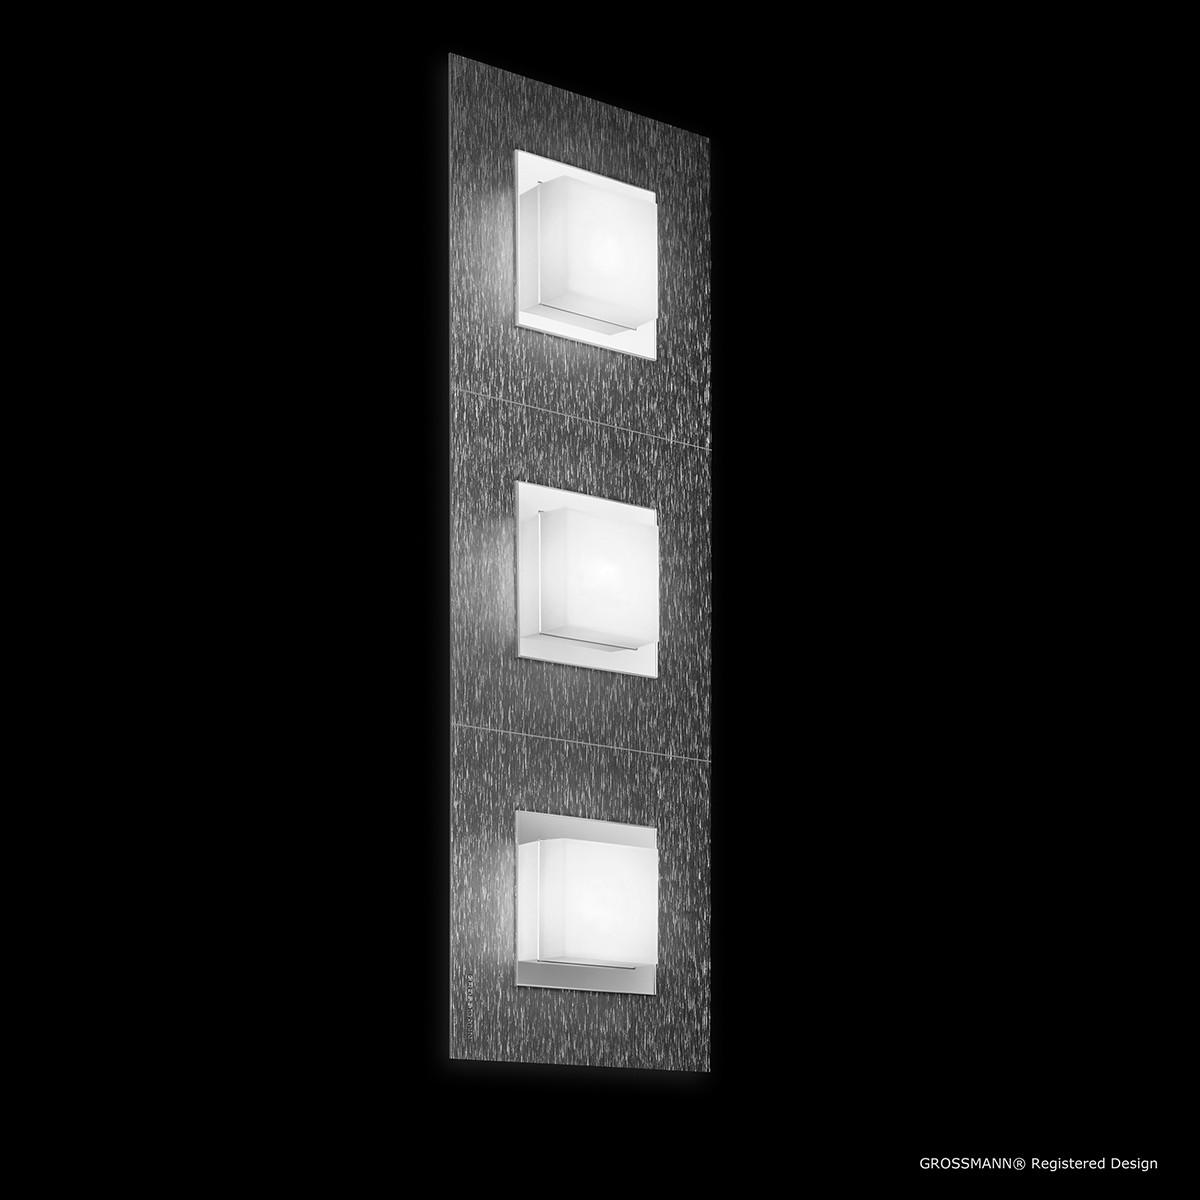 Grossmann Basic Wand- / Deckenleuchte 3-flg., anthrazit